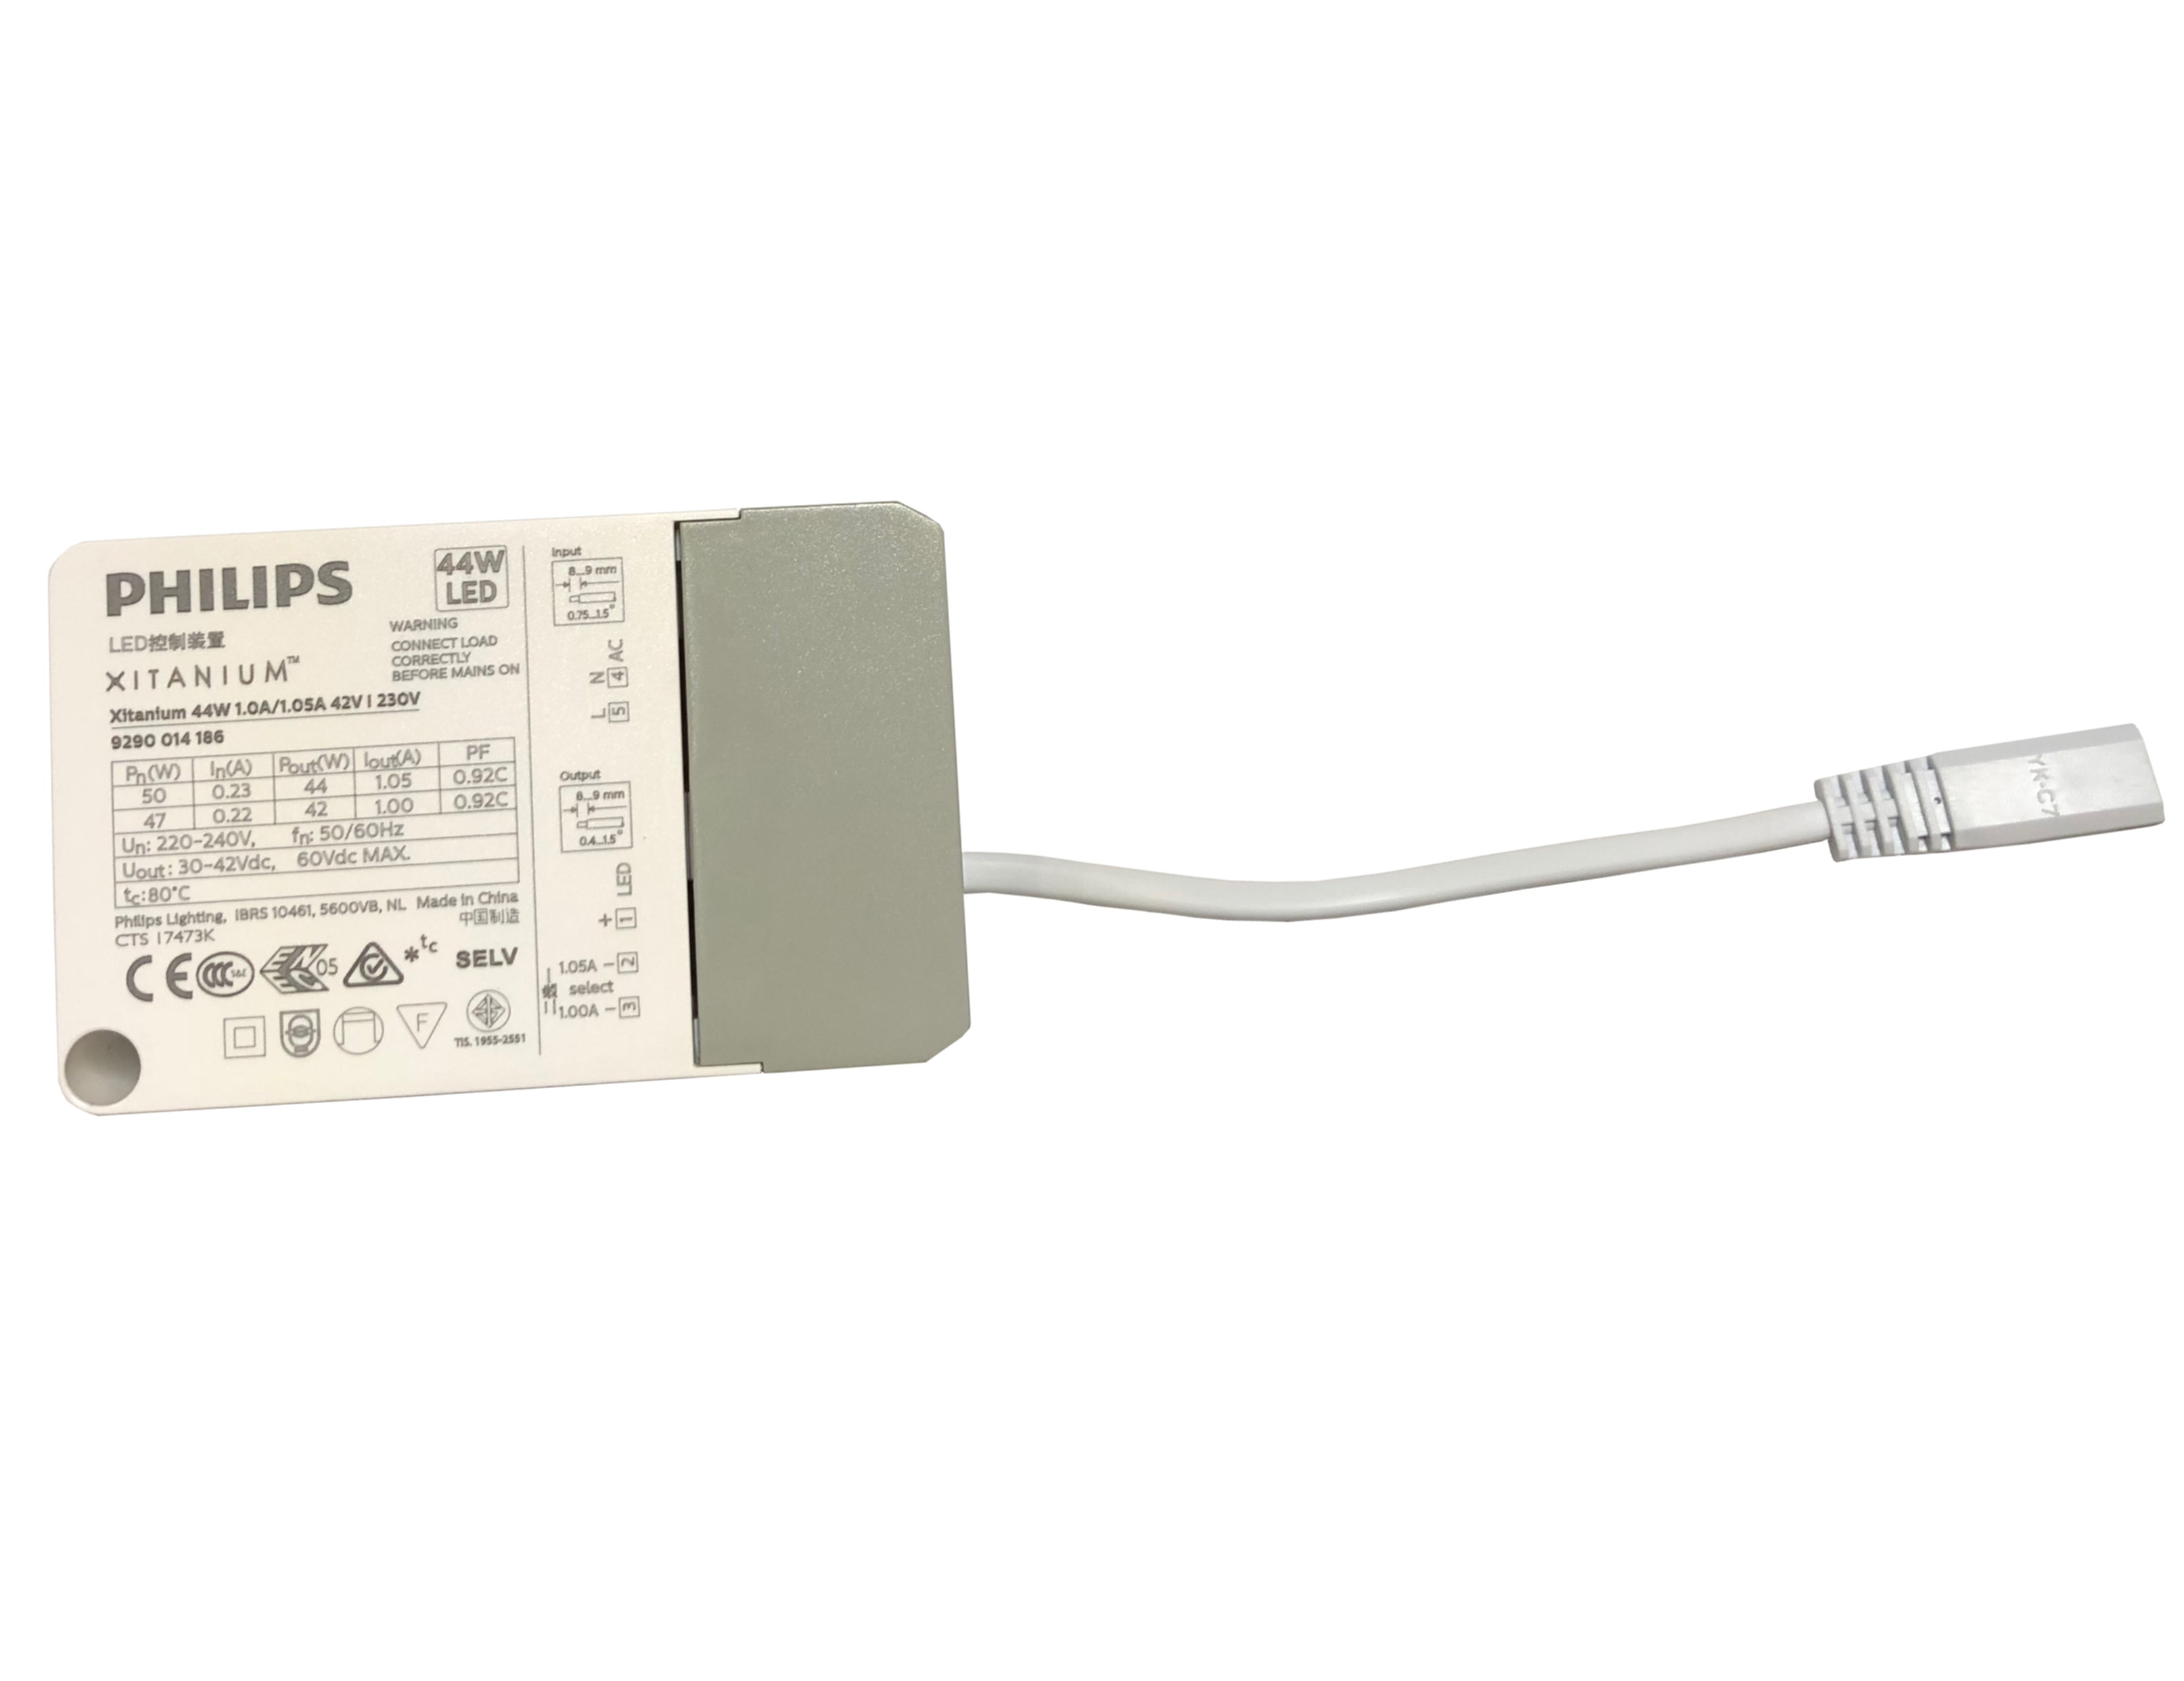 1 Stk LED Treiber 1050mA für LANO 3 40W, schaltbar LIARTR1050